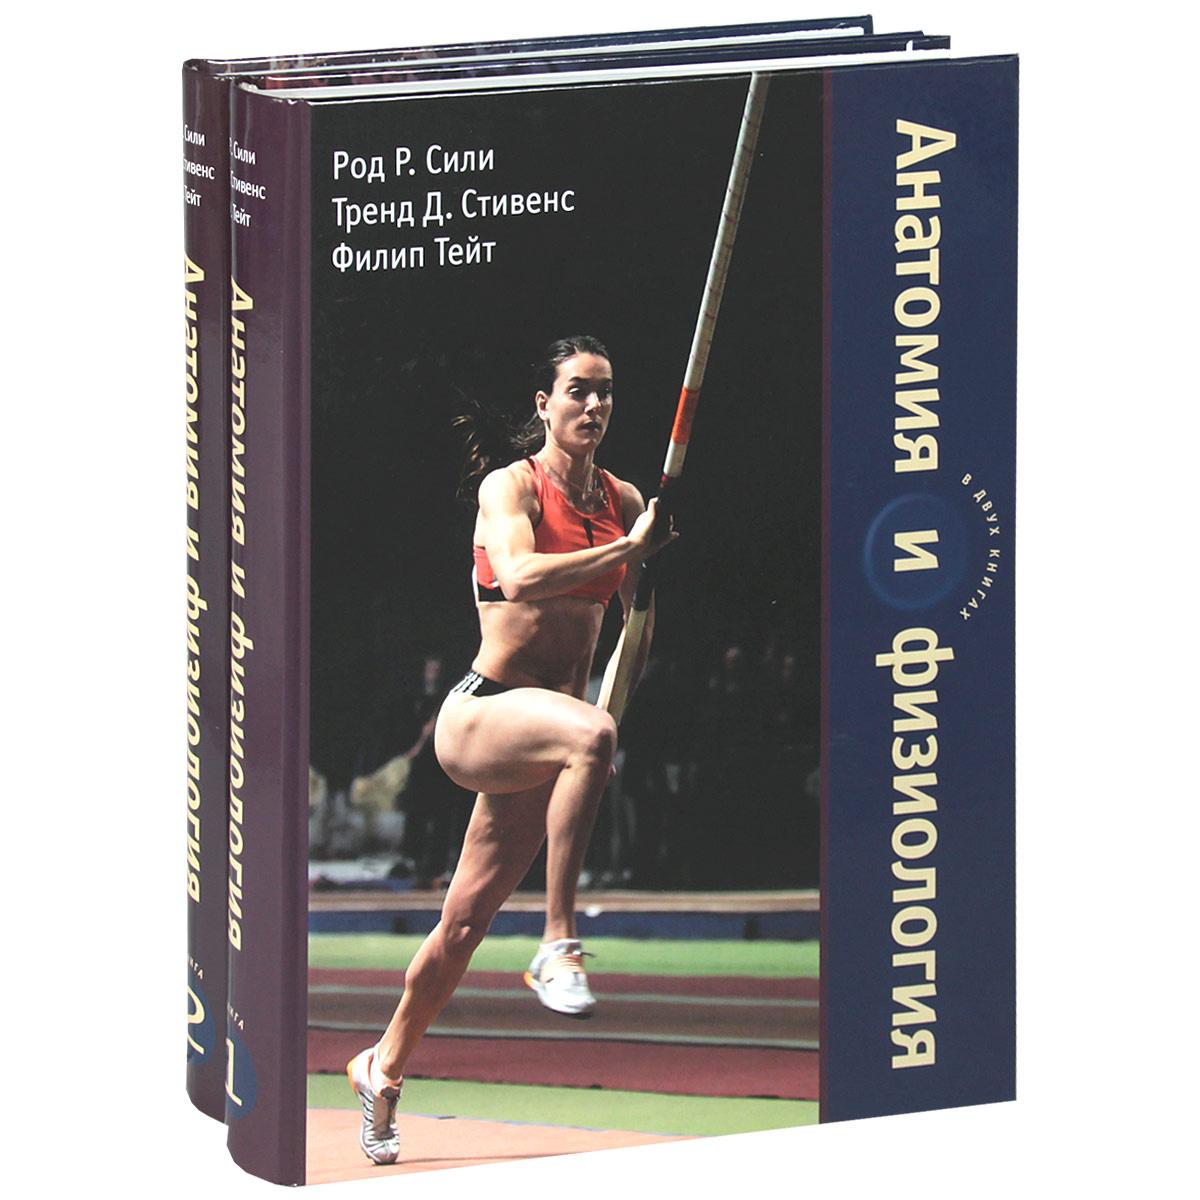 Анатомия и физиология. В 2 книгах (комплект из 2 книг)   Сили Род Р., Стивенс Трент Д.  #1